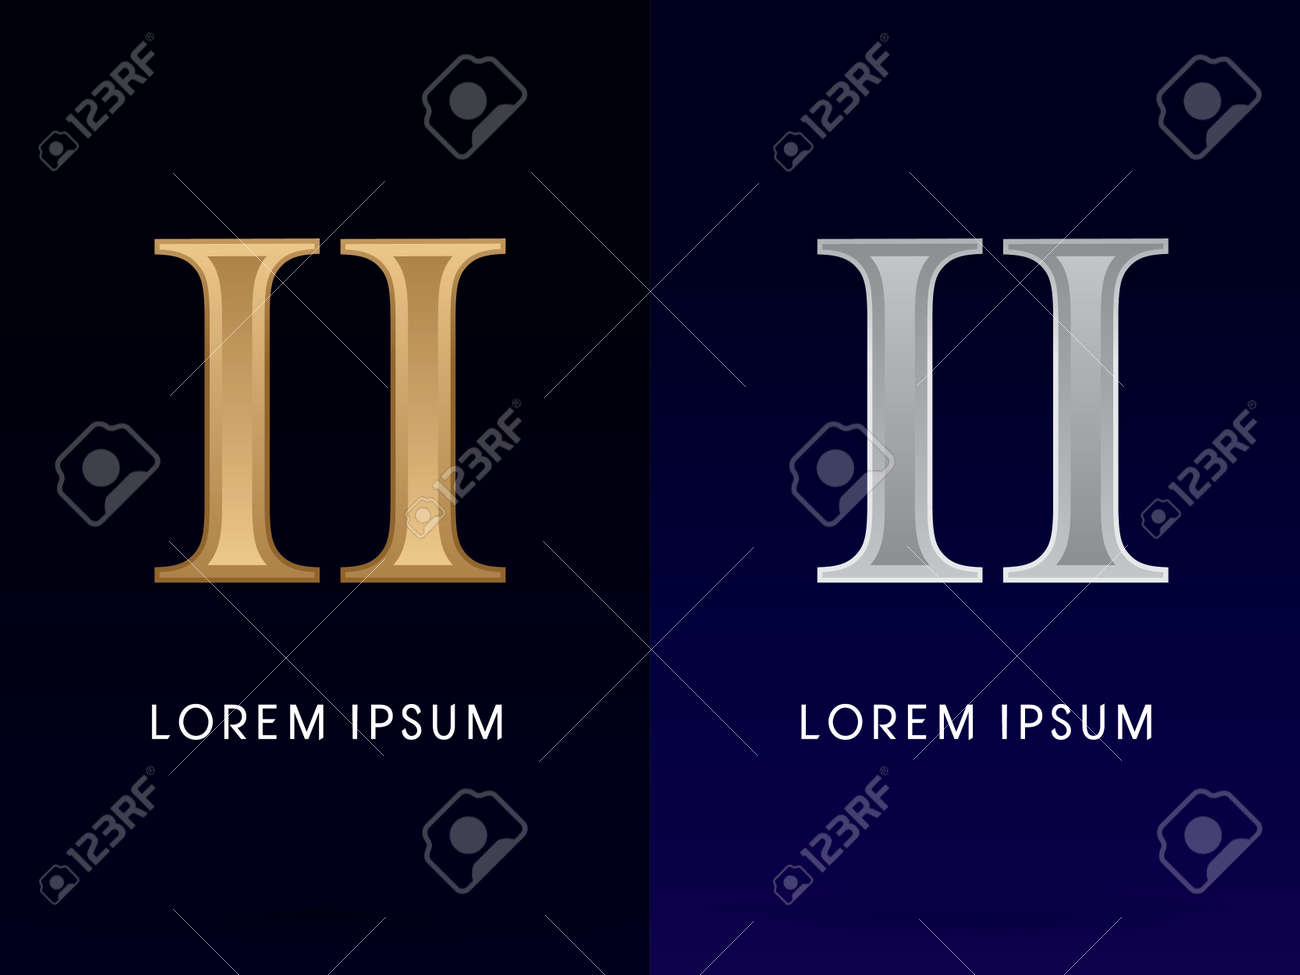 2, II, 럭셔리 골드 및 실버 로마 숫자, 기호, 로고, 기호